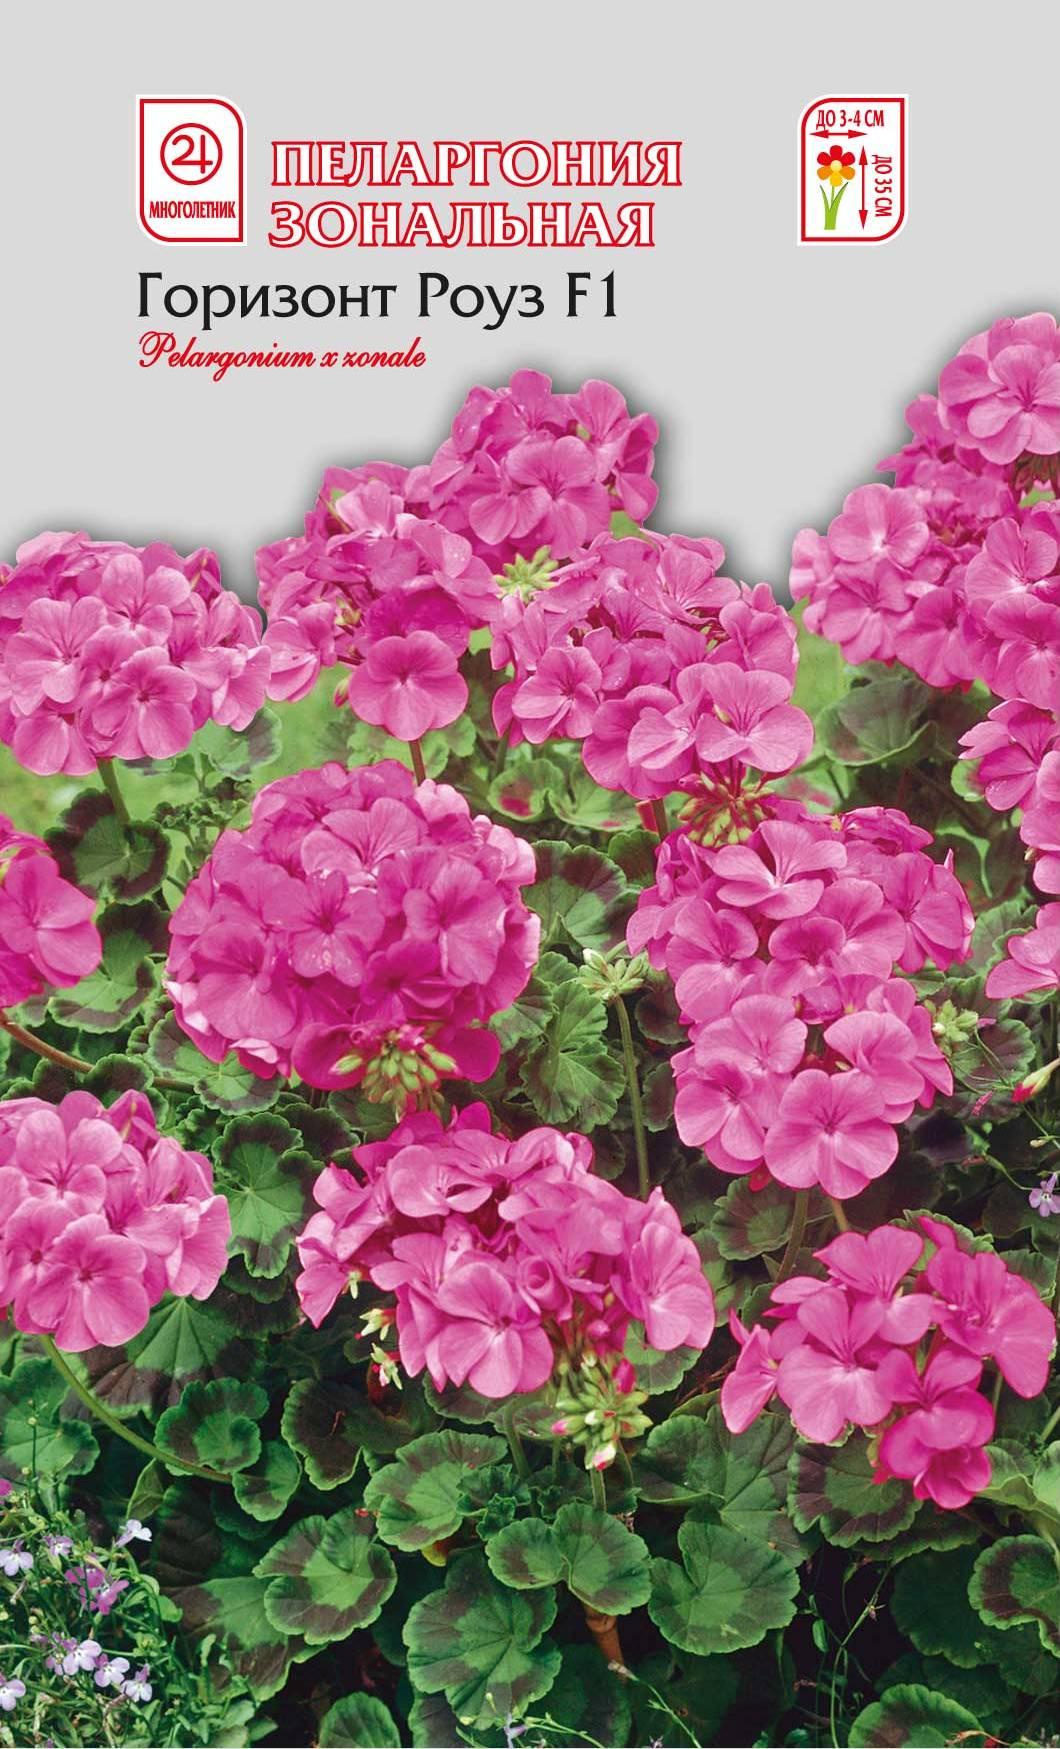 Семена Семена Алтая Пеларгония зональная. Горизонт Роуз4620009639832Многолетник. Одно из самых распространенных и любимых комнатных и балконных растений. Великолепный гибрид. Цветы простые, крупные, до 3-4 см в диаметре, собраны в огромные шапки красивого ярко-розово-малинового цвета. Раннее и обильное цветение. Формирует объемный компактный куст высотой 35 см. Одно из самых неприхотливых растений. Уход за ним не требует значительных усилий. Пеларгония светолюбива, легко переносит недостаток влаги. В теплое время любит обильный частый полив, в зимнее — поливают умереннее. Подкармливают растения калийными удобрениями. Посев производят с января по март. Всходы появляются через 2-3 недели после посева. При появлении 2-3 настоящих листьев растения пикируют. Для увеличения количества побегов и лучшего цветения побеги прищипывают в фазу 4-5 пар листьев. Используют в озеленении лоджий, веранд, балконов, а также для создания композиций в саду.